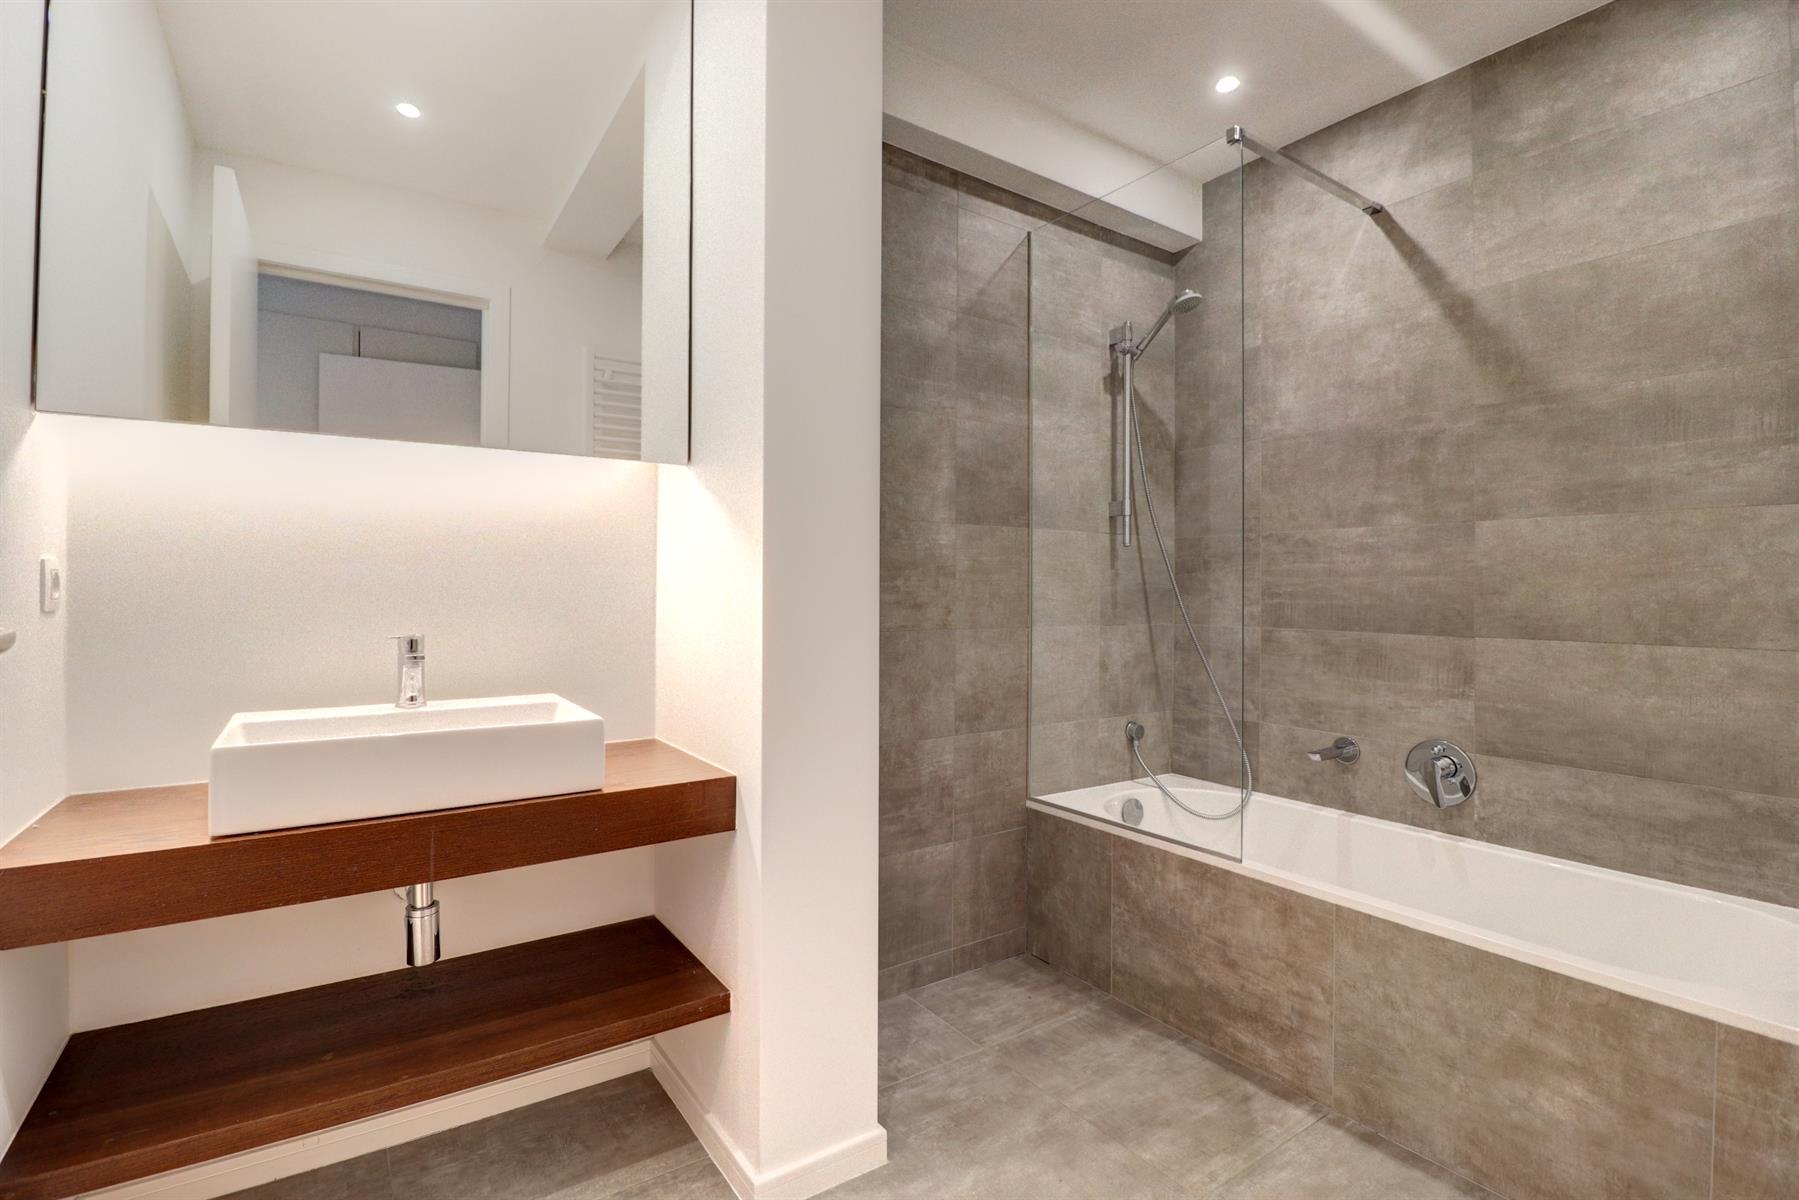 Appartement - Bruxelles - #4264774-31